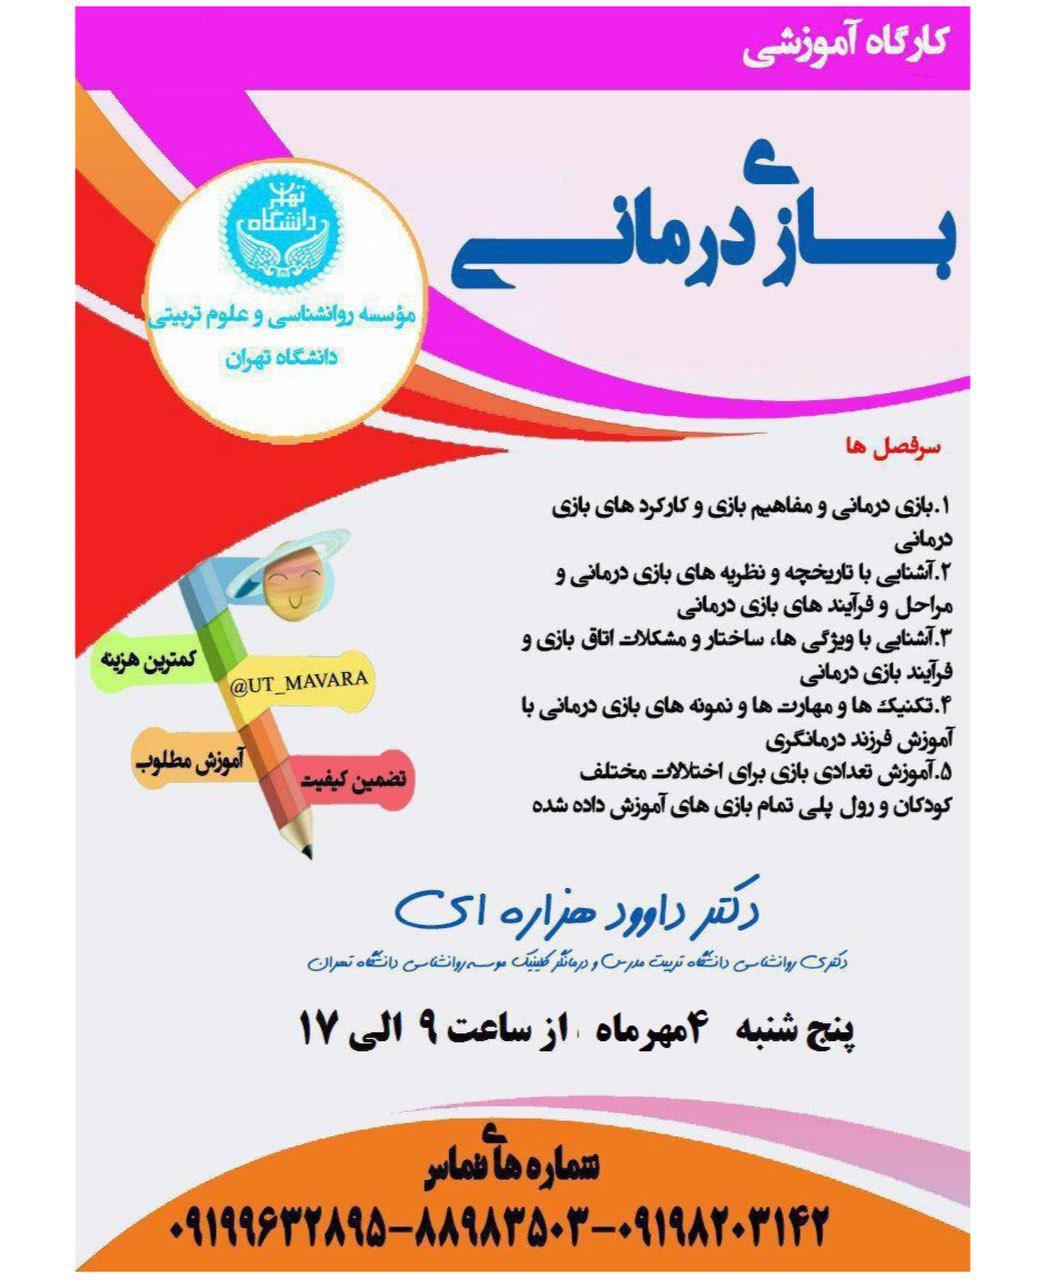 کارگاه بازی درمانی در دانشگاه تهران